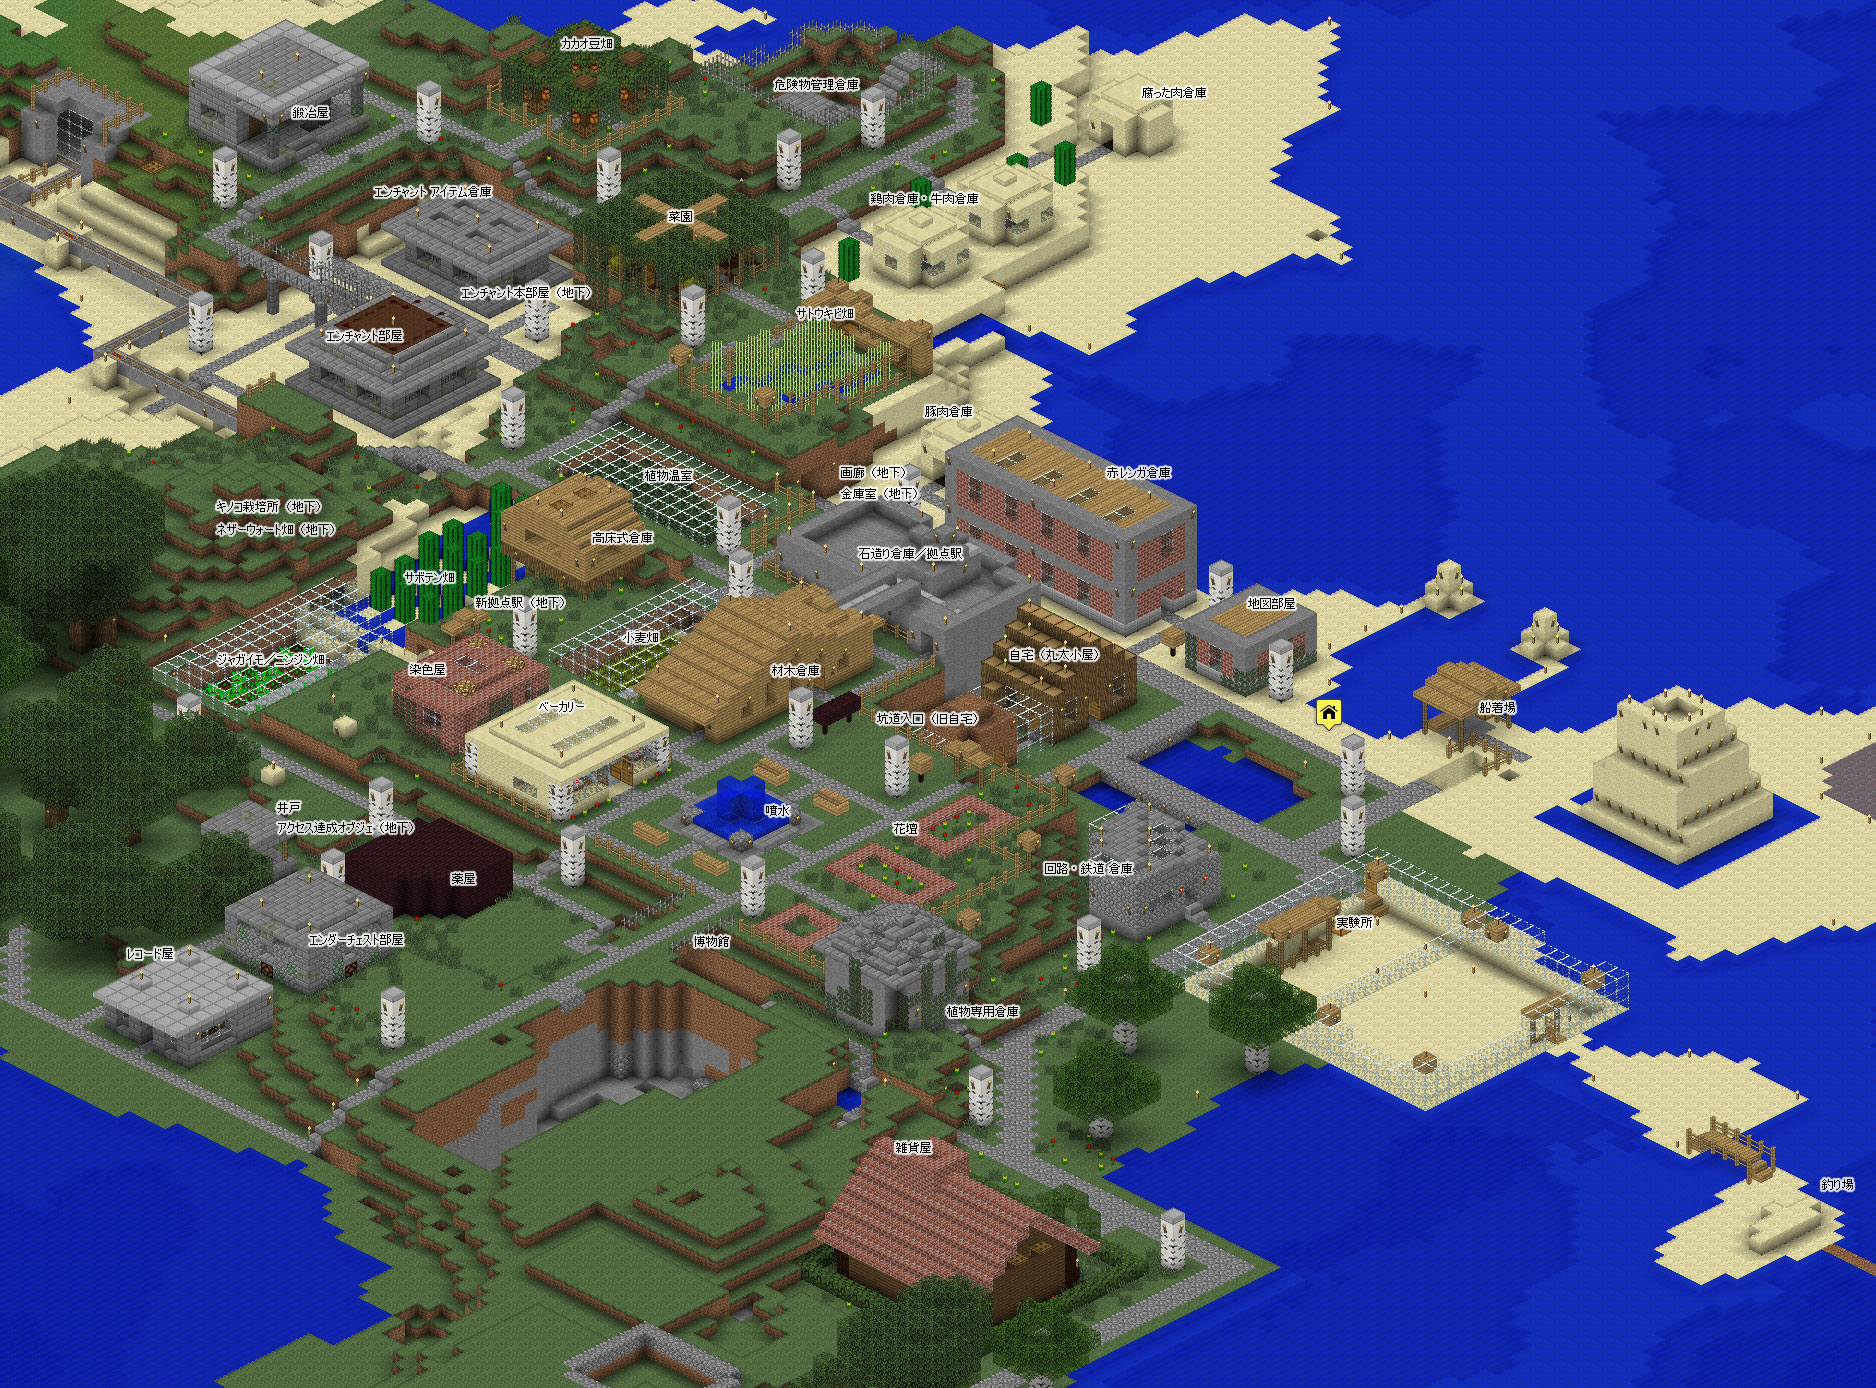 マインクラフトのすごい街 地図